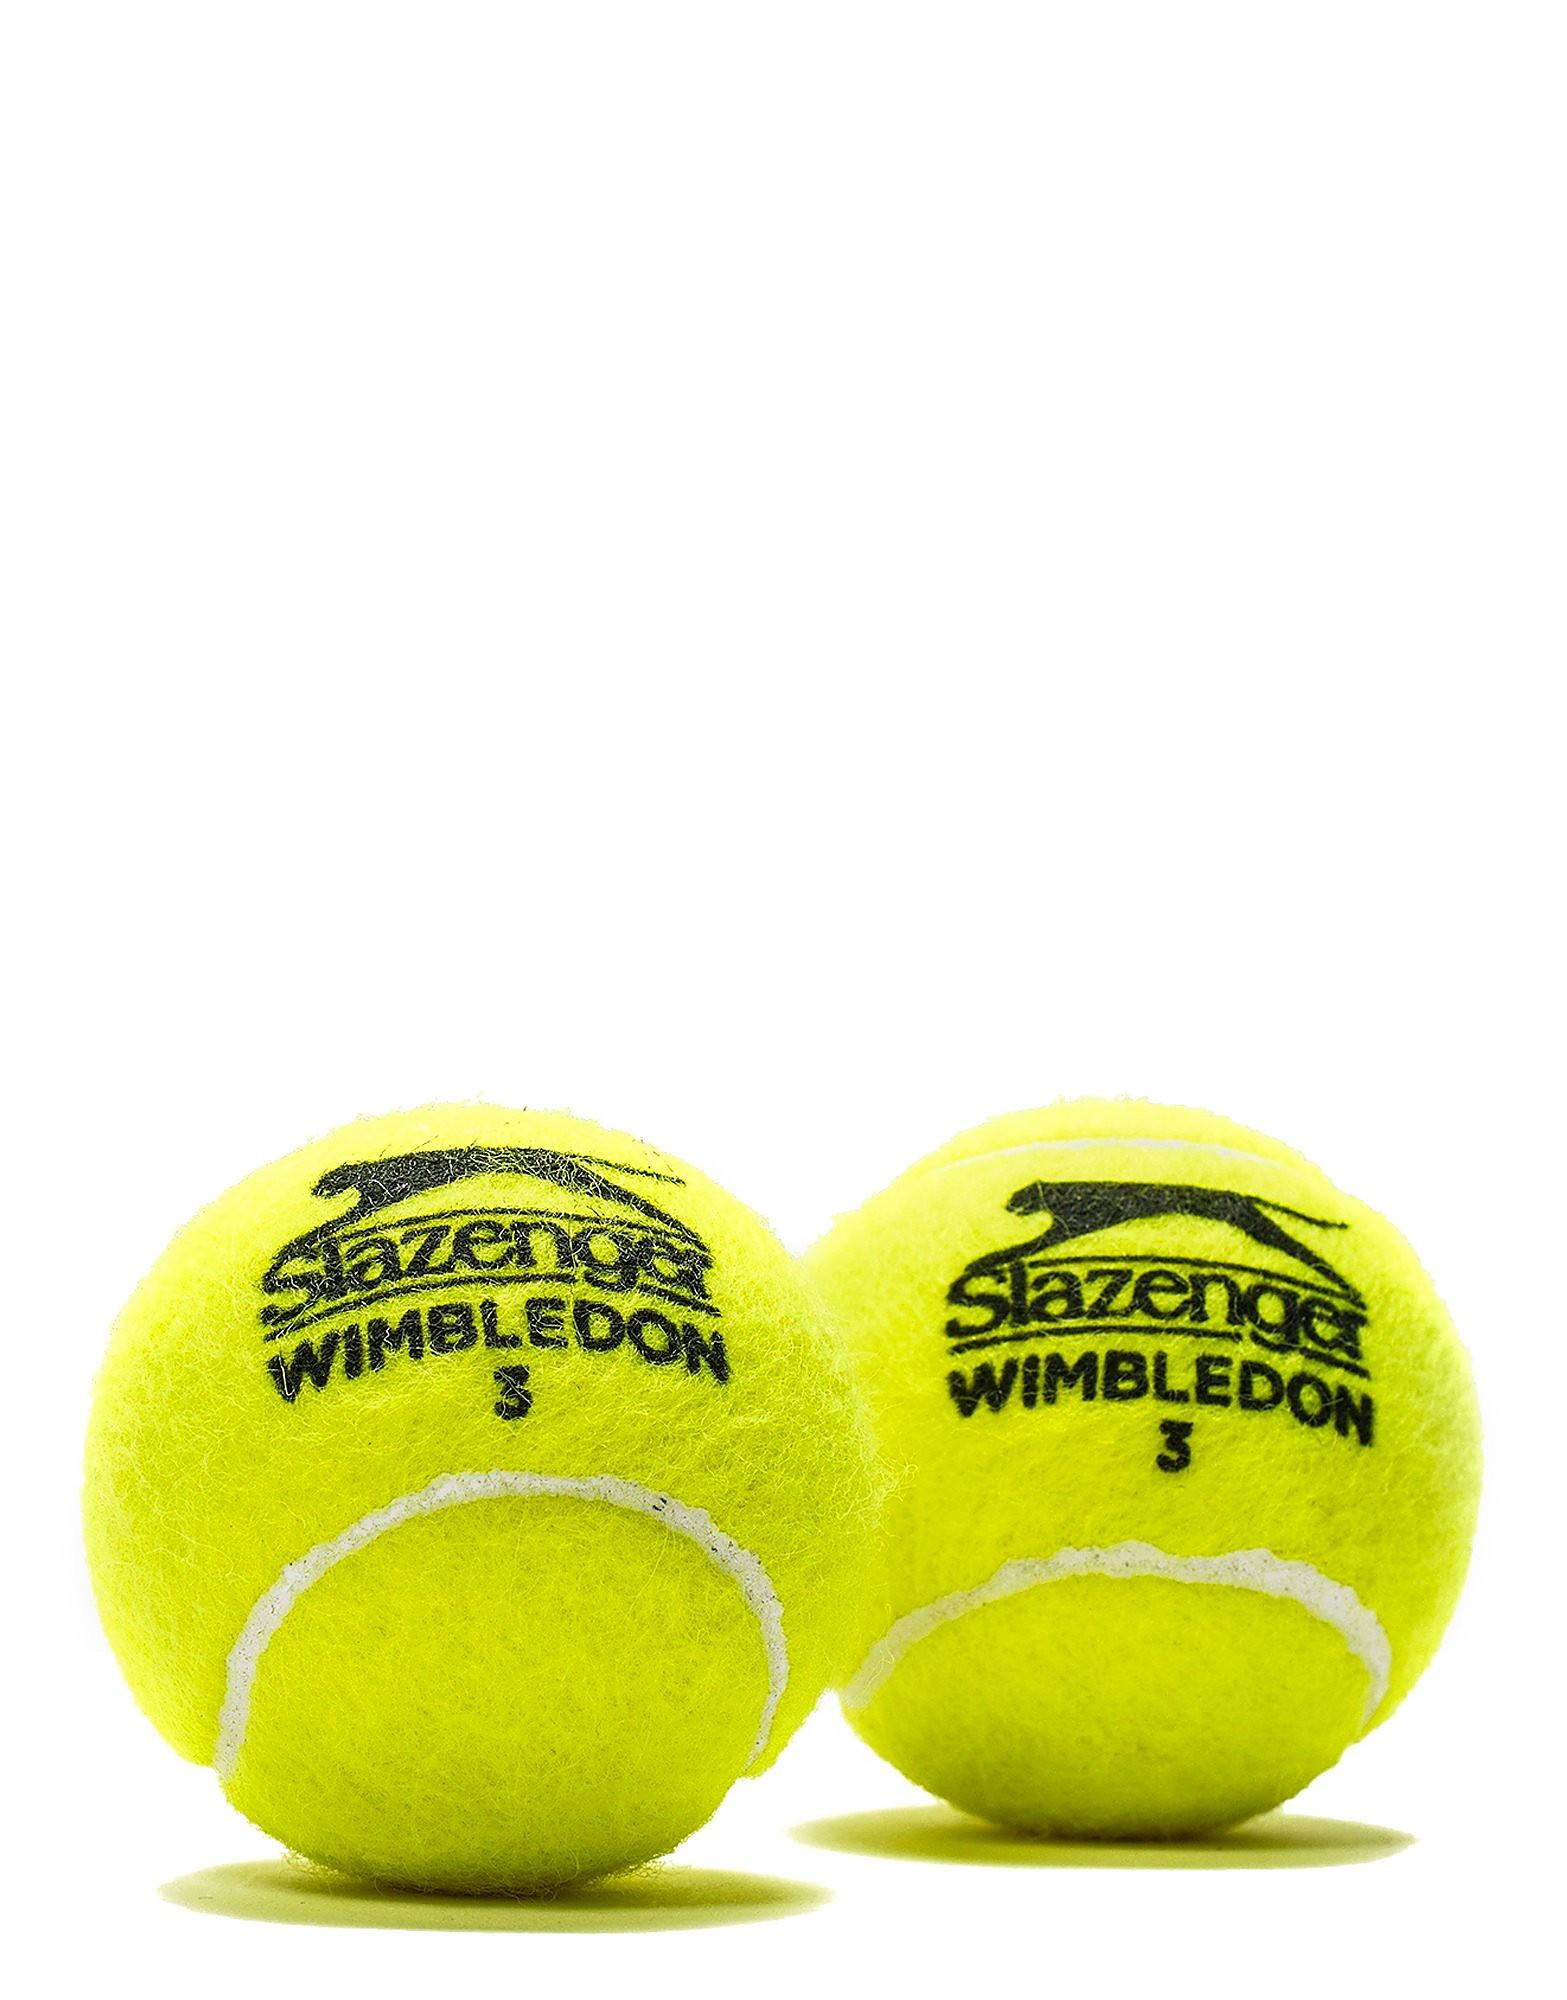 Slazenger Wimbledon 2015 Tennis 4 Balls